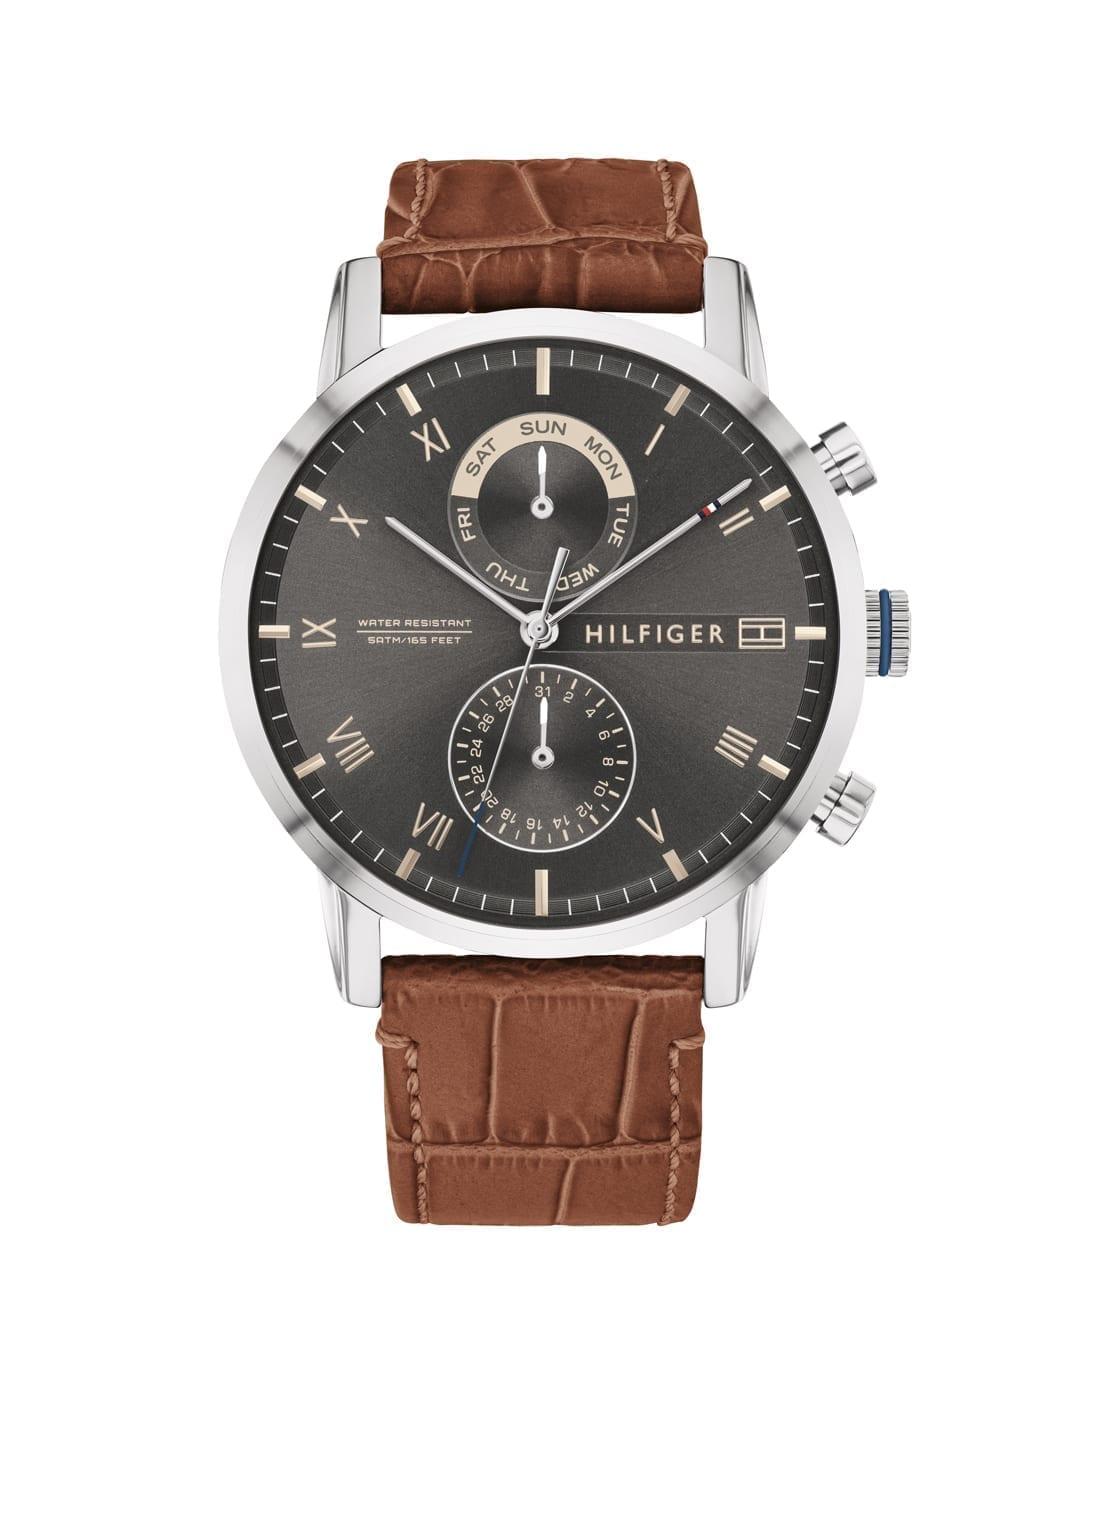 TH1710398 tommyhilfiger horloge juwelier den haag